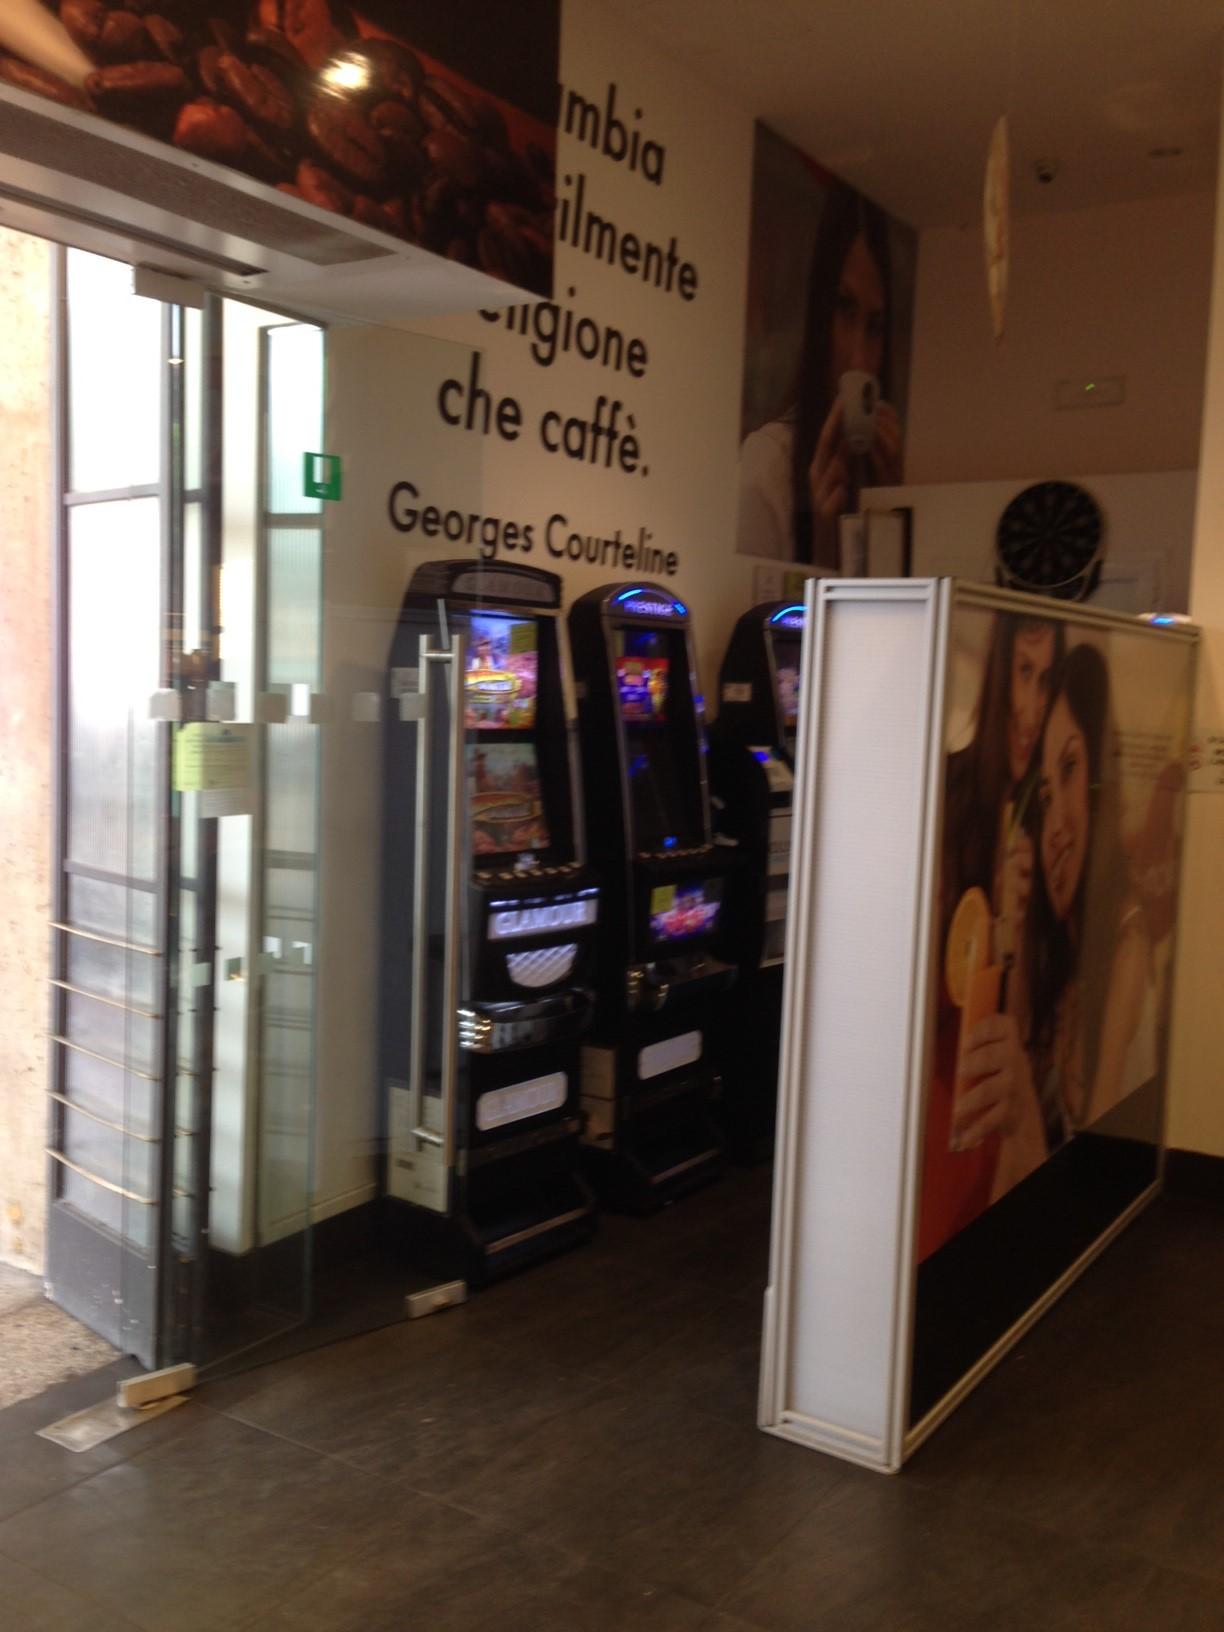 Nuove normative sulle slot machine